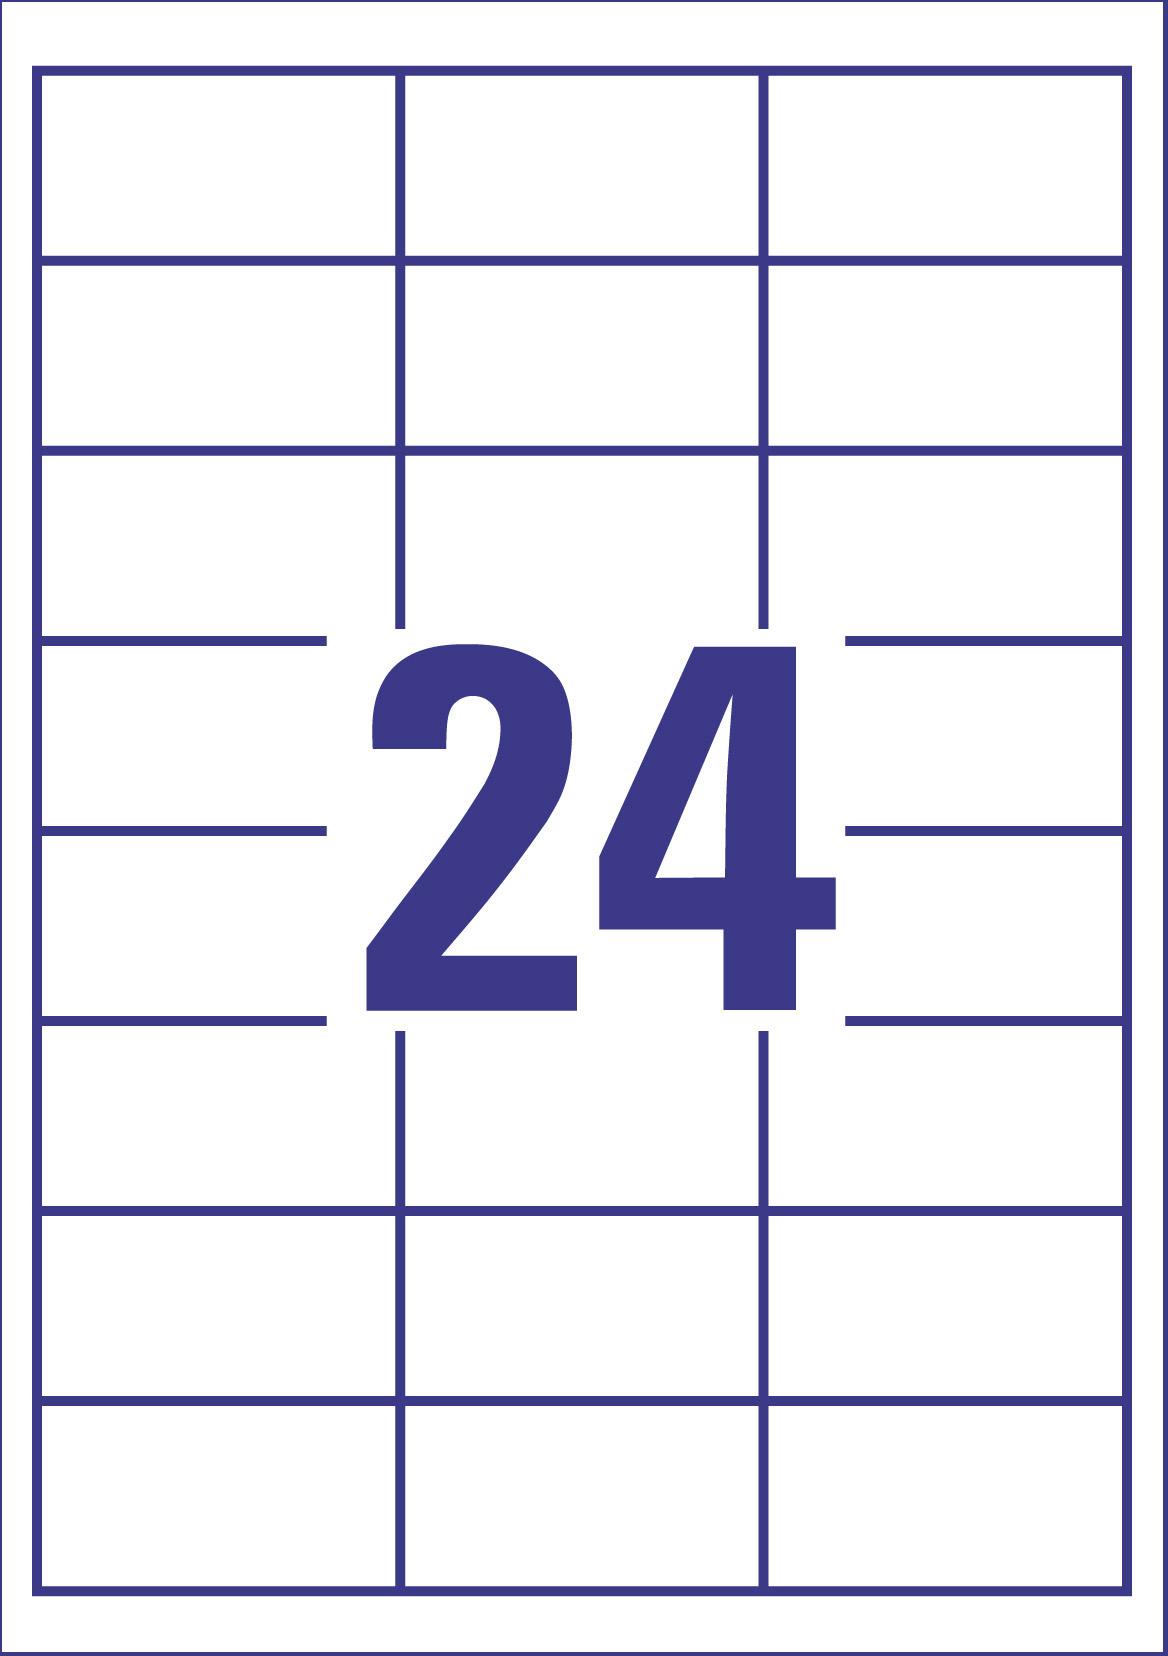 Etikettenbogen Avery Zweckform 6172 Universal-Etiketten für 24 Etiketten in weiß